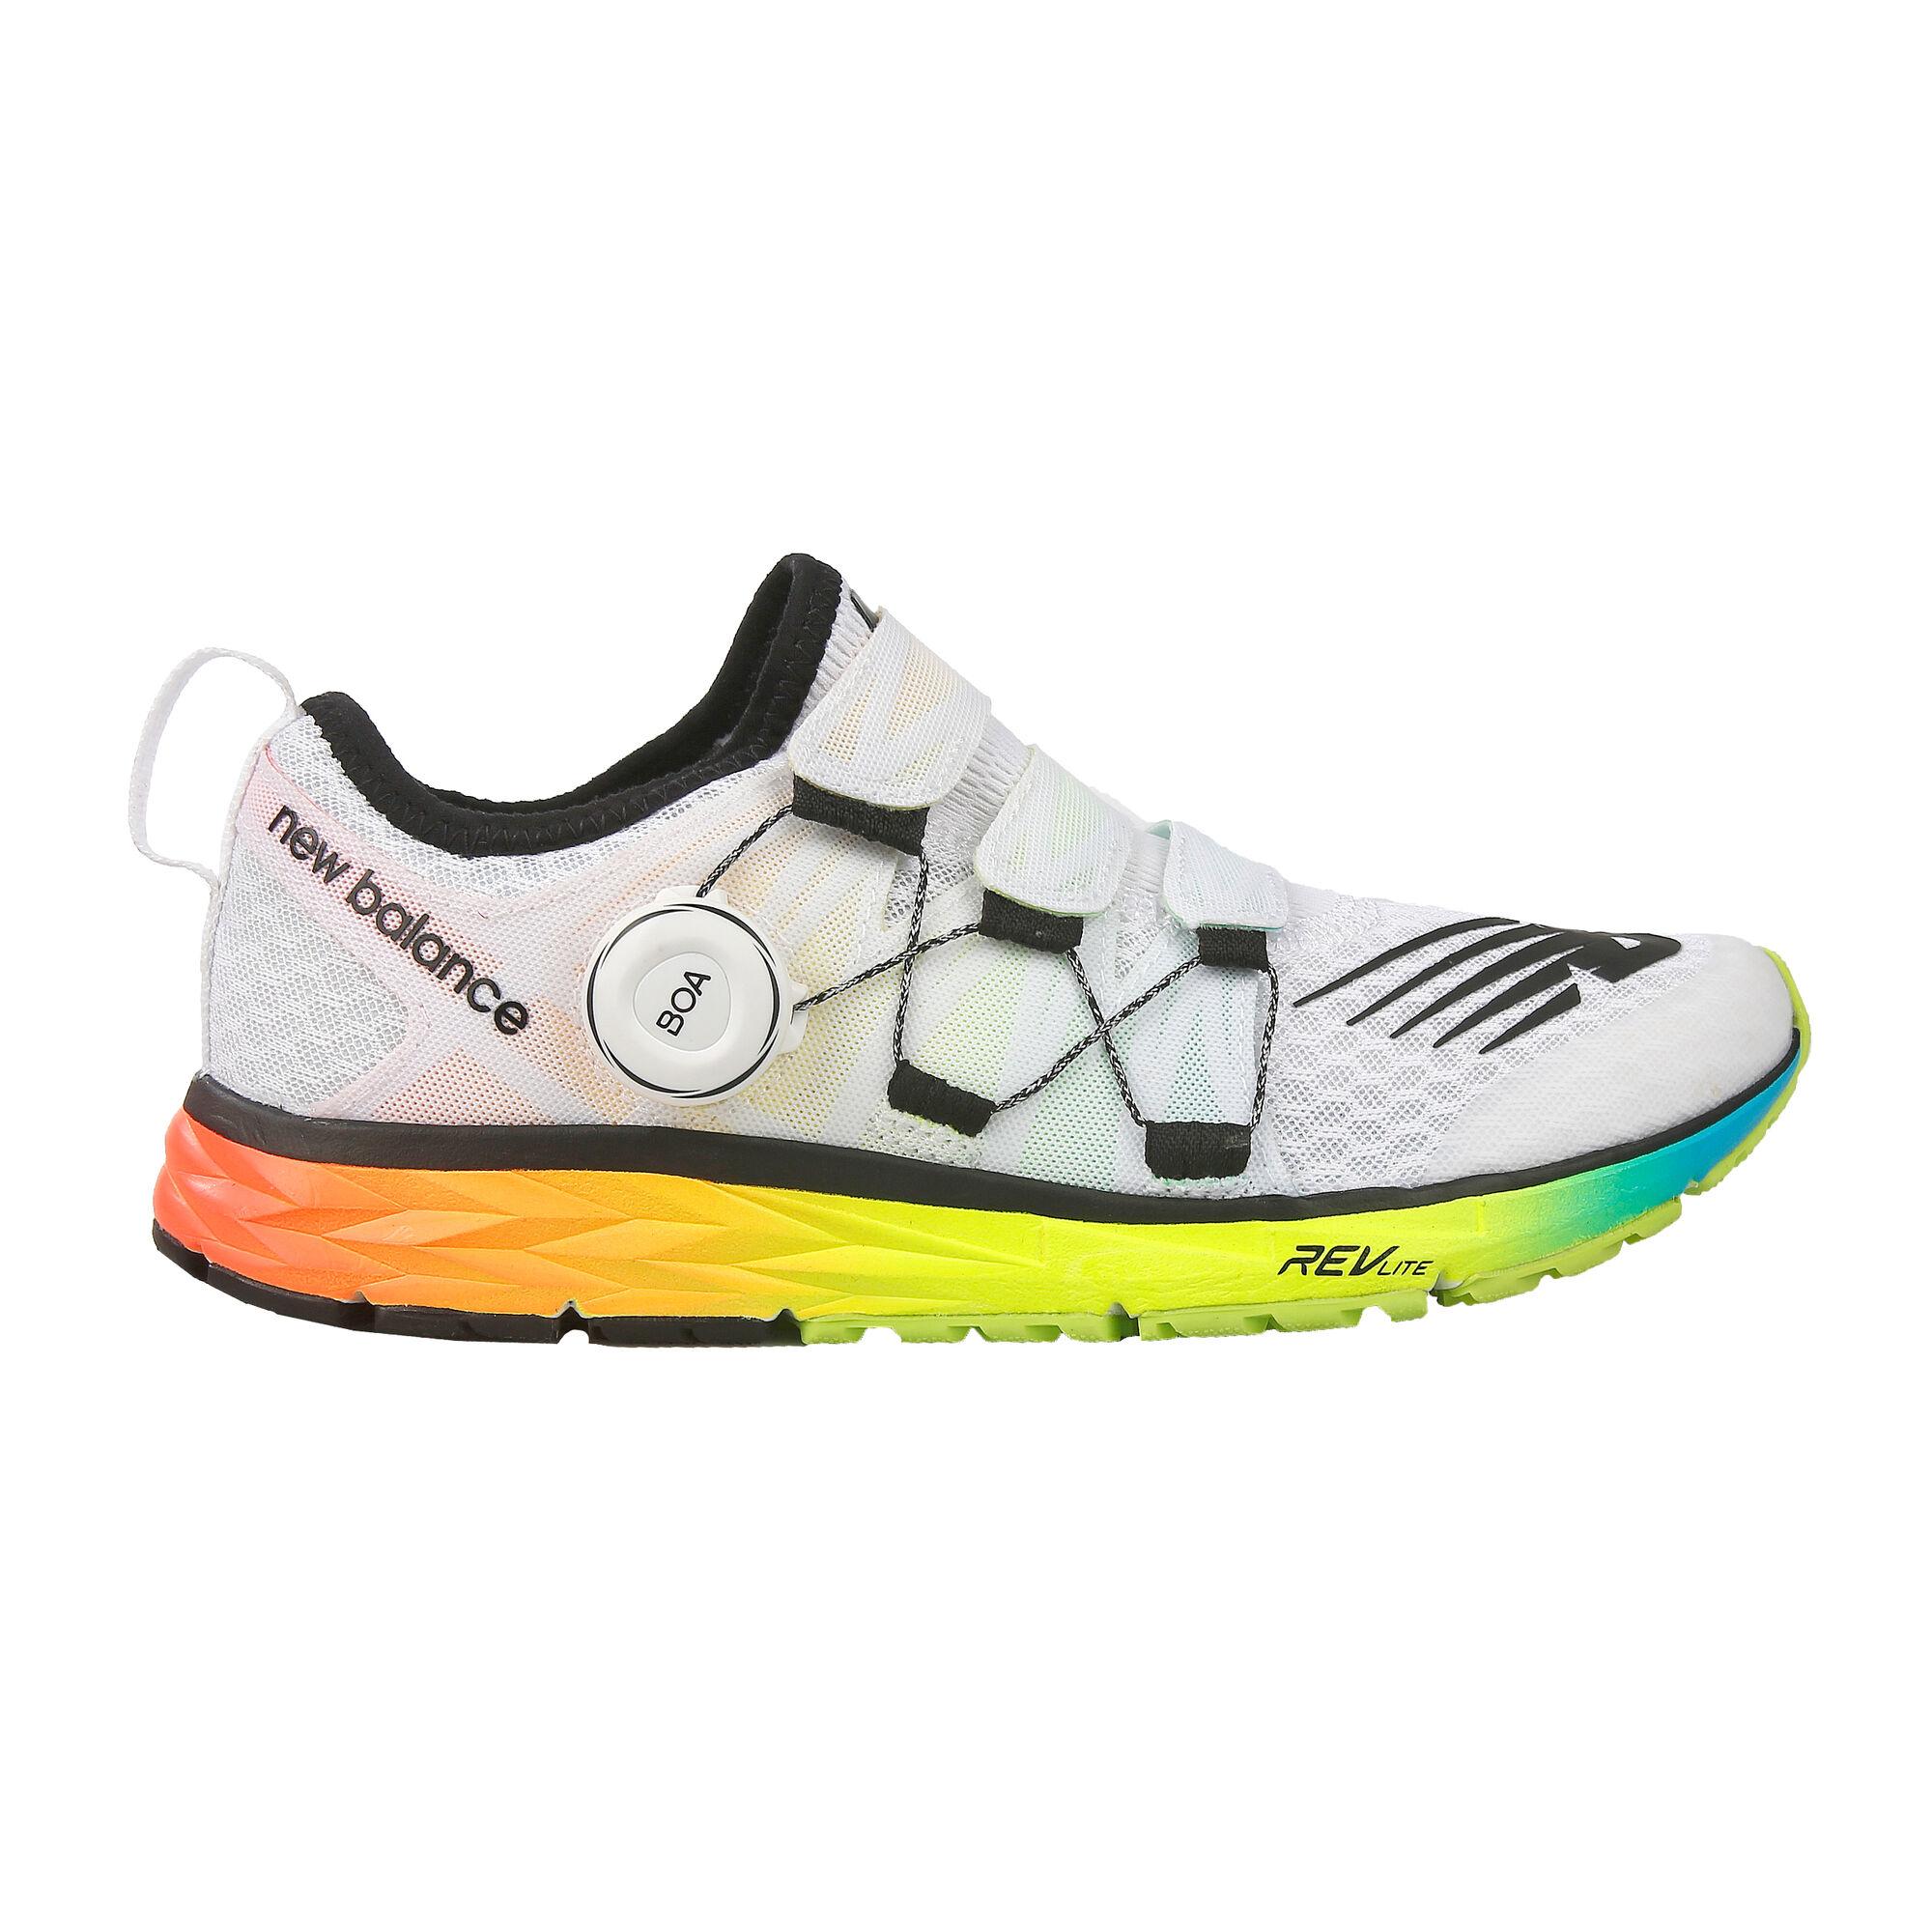 eternamente Viva caos  buy New Balance Race 1500 V4 BOA Competition Running Shoe Women - White,  Black online   Jogging-Point